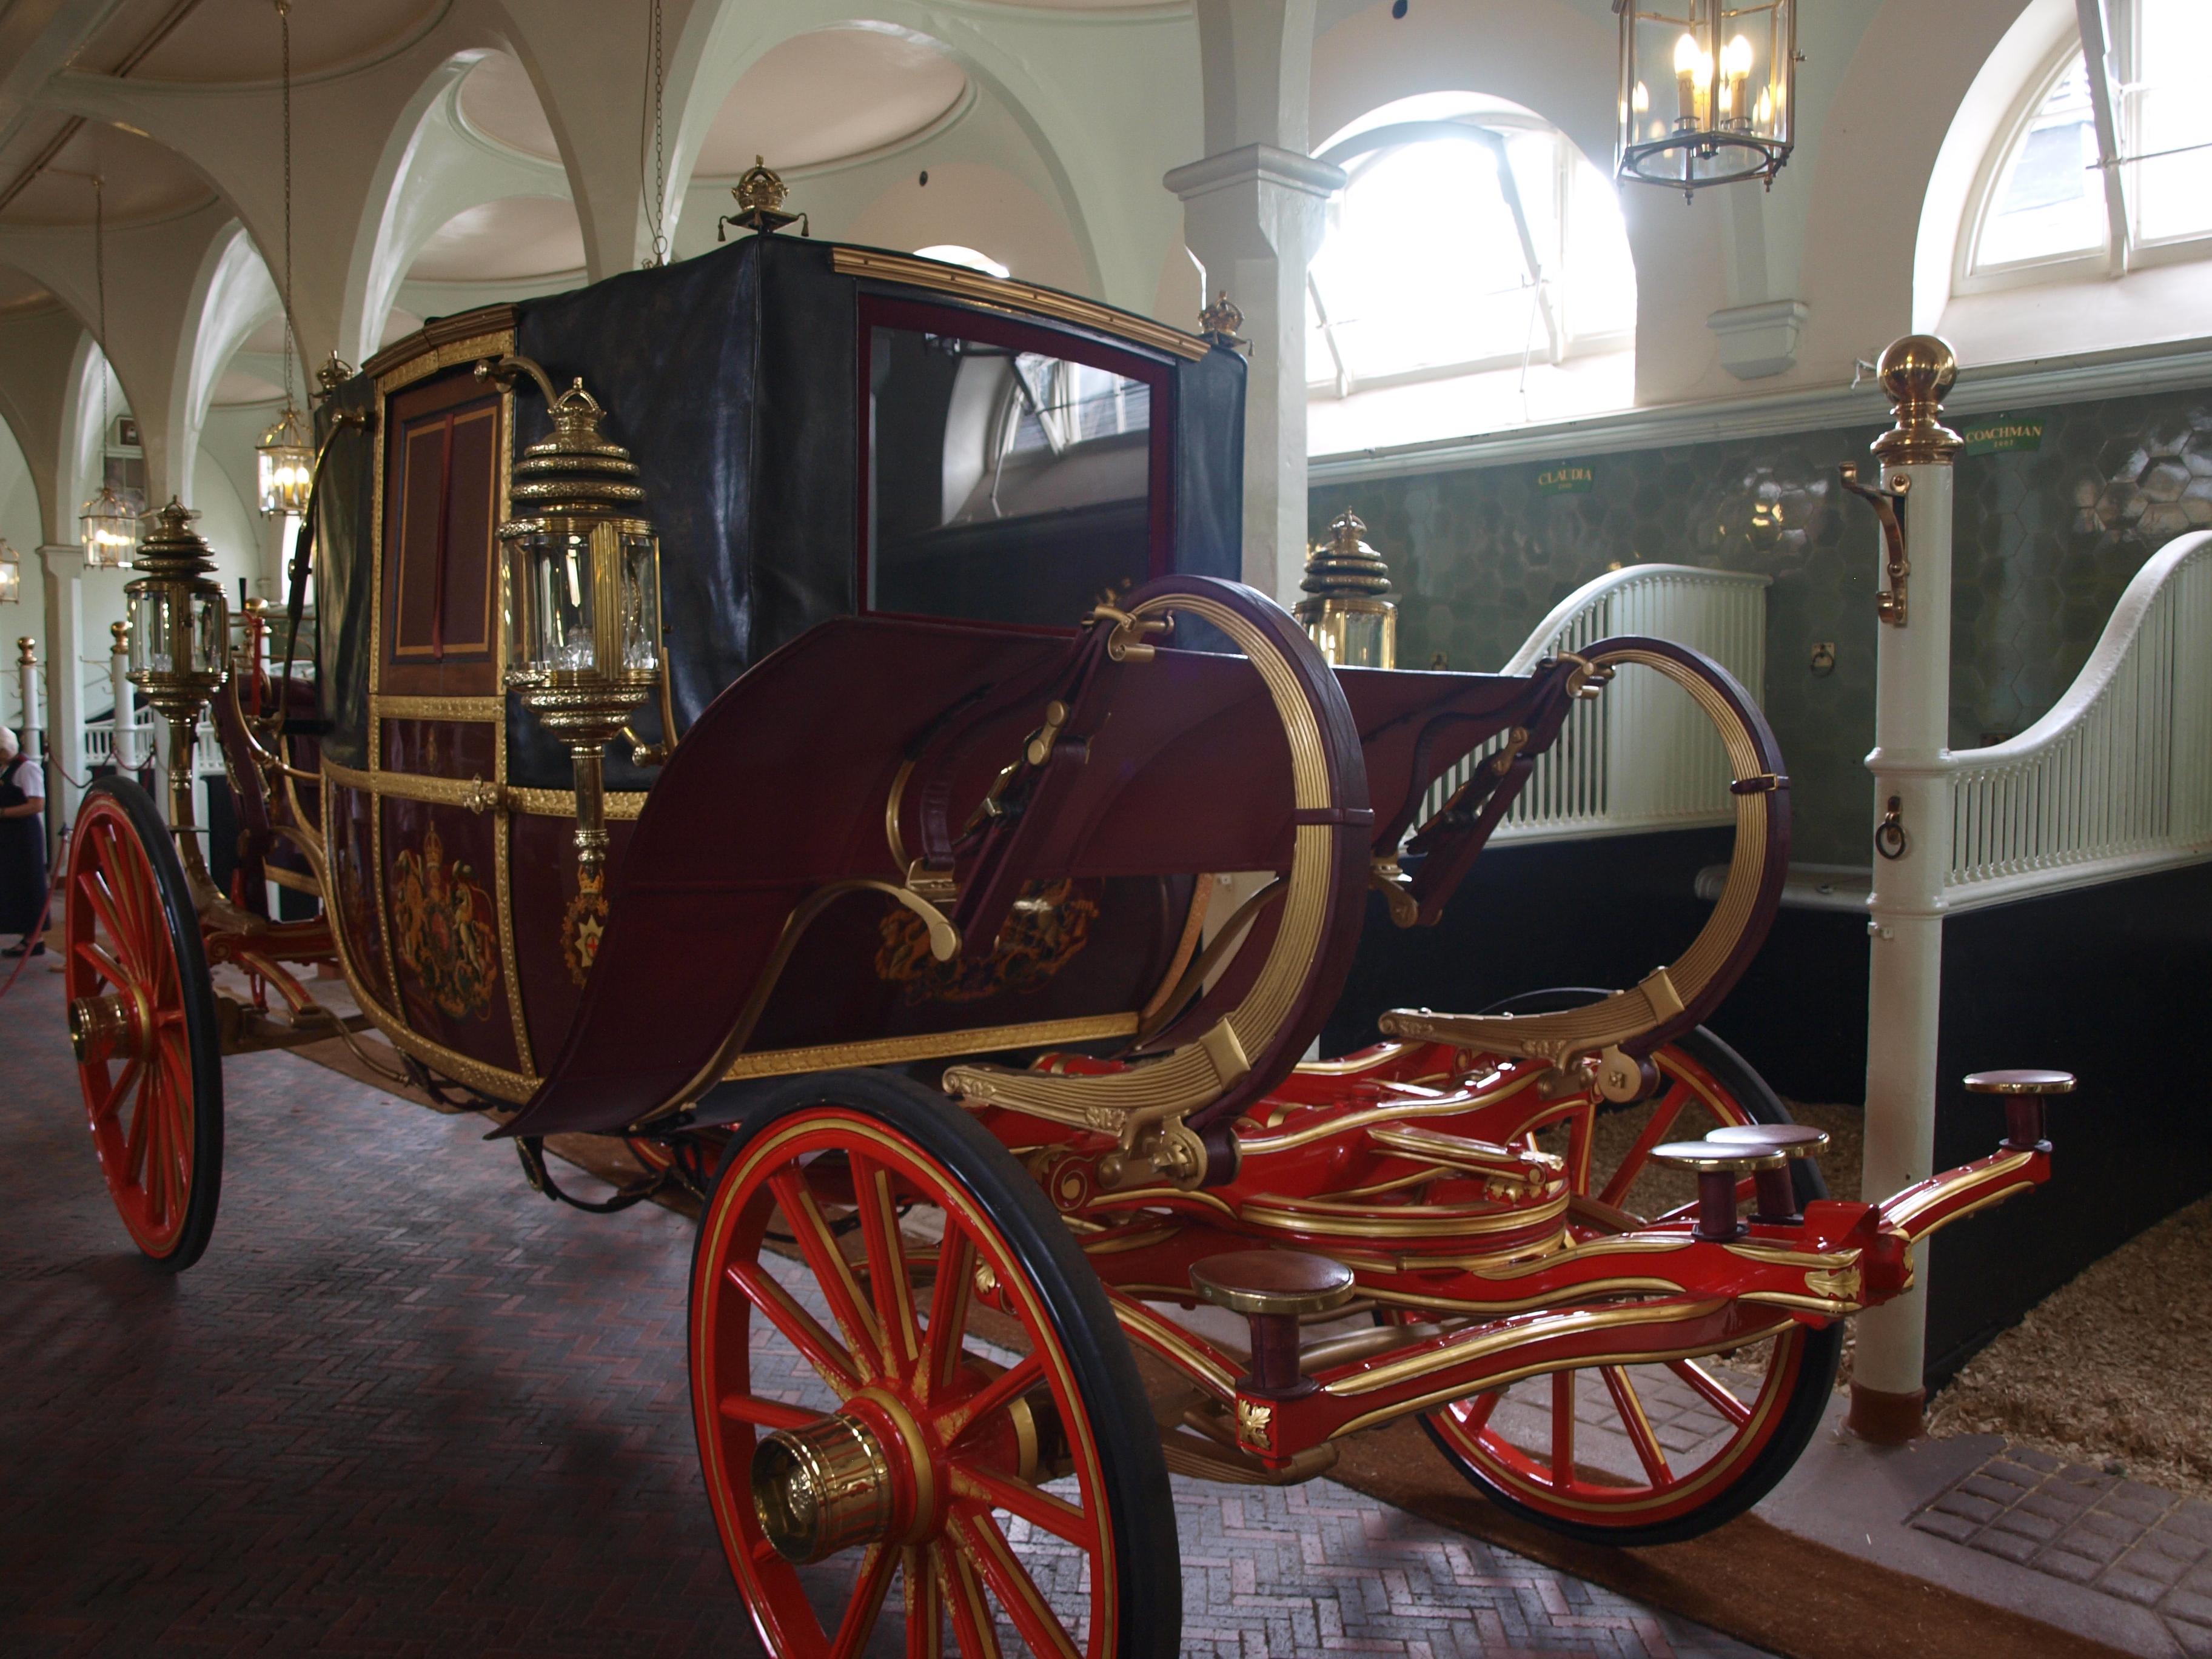 1902 State Landau - Wikipedia